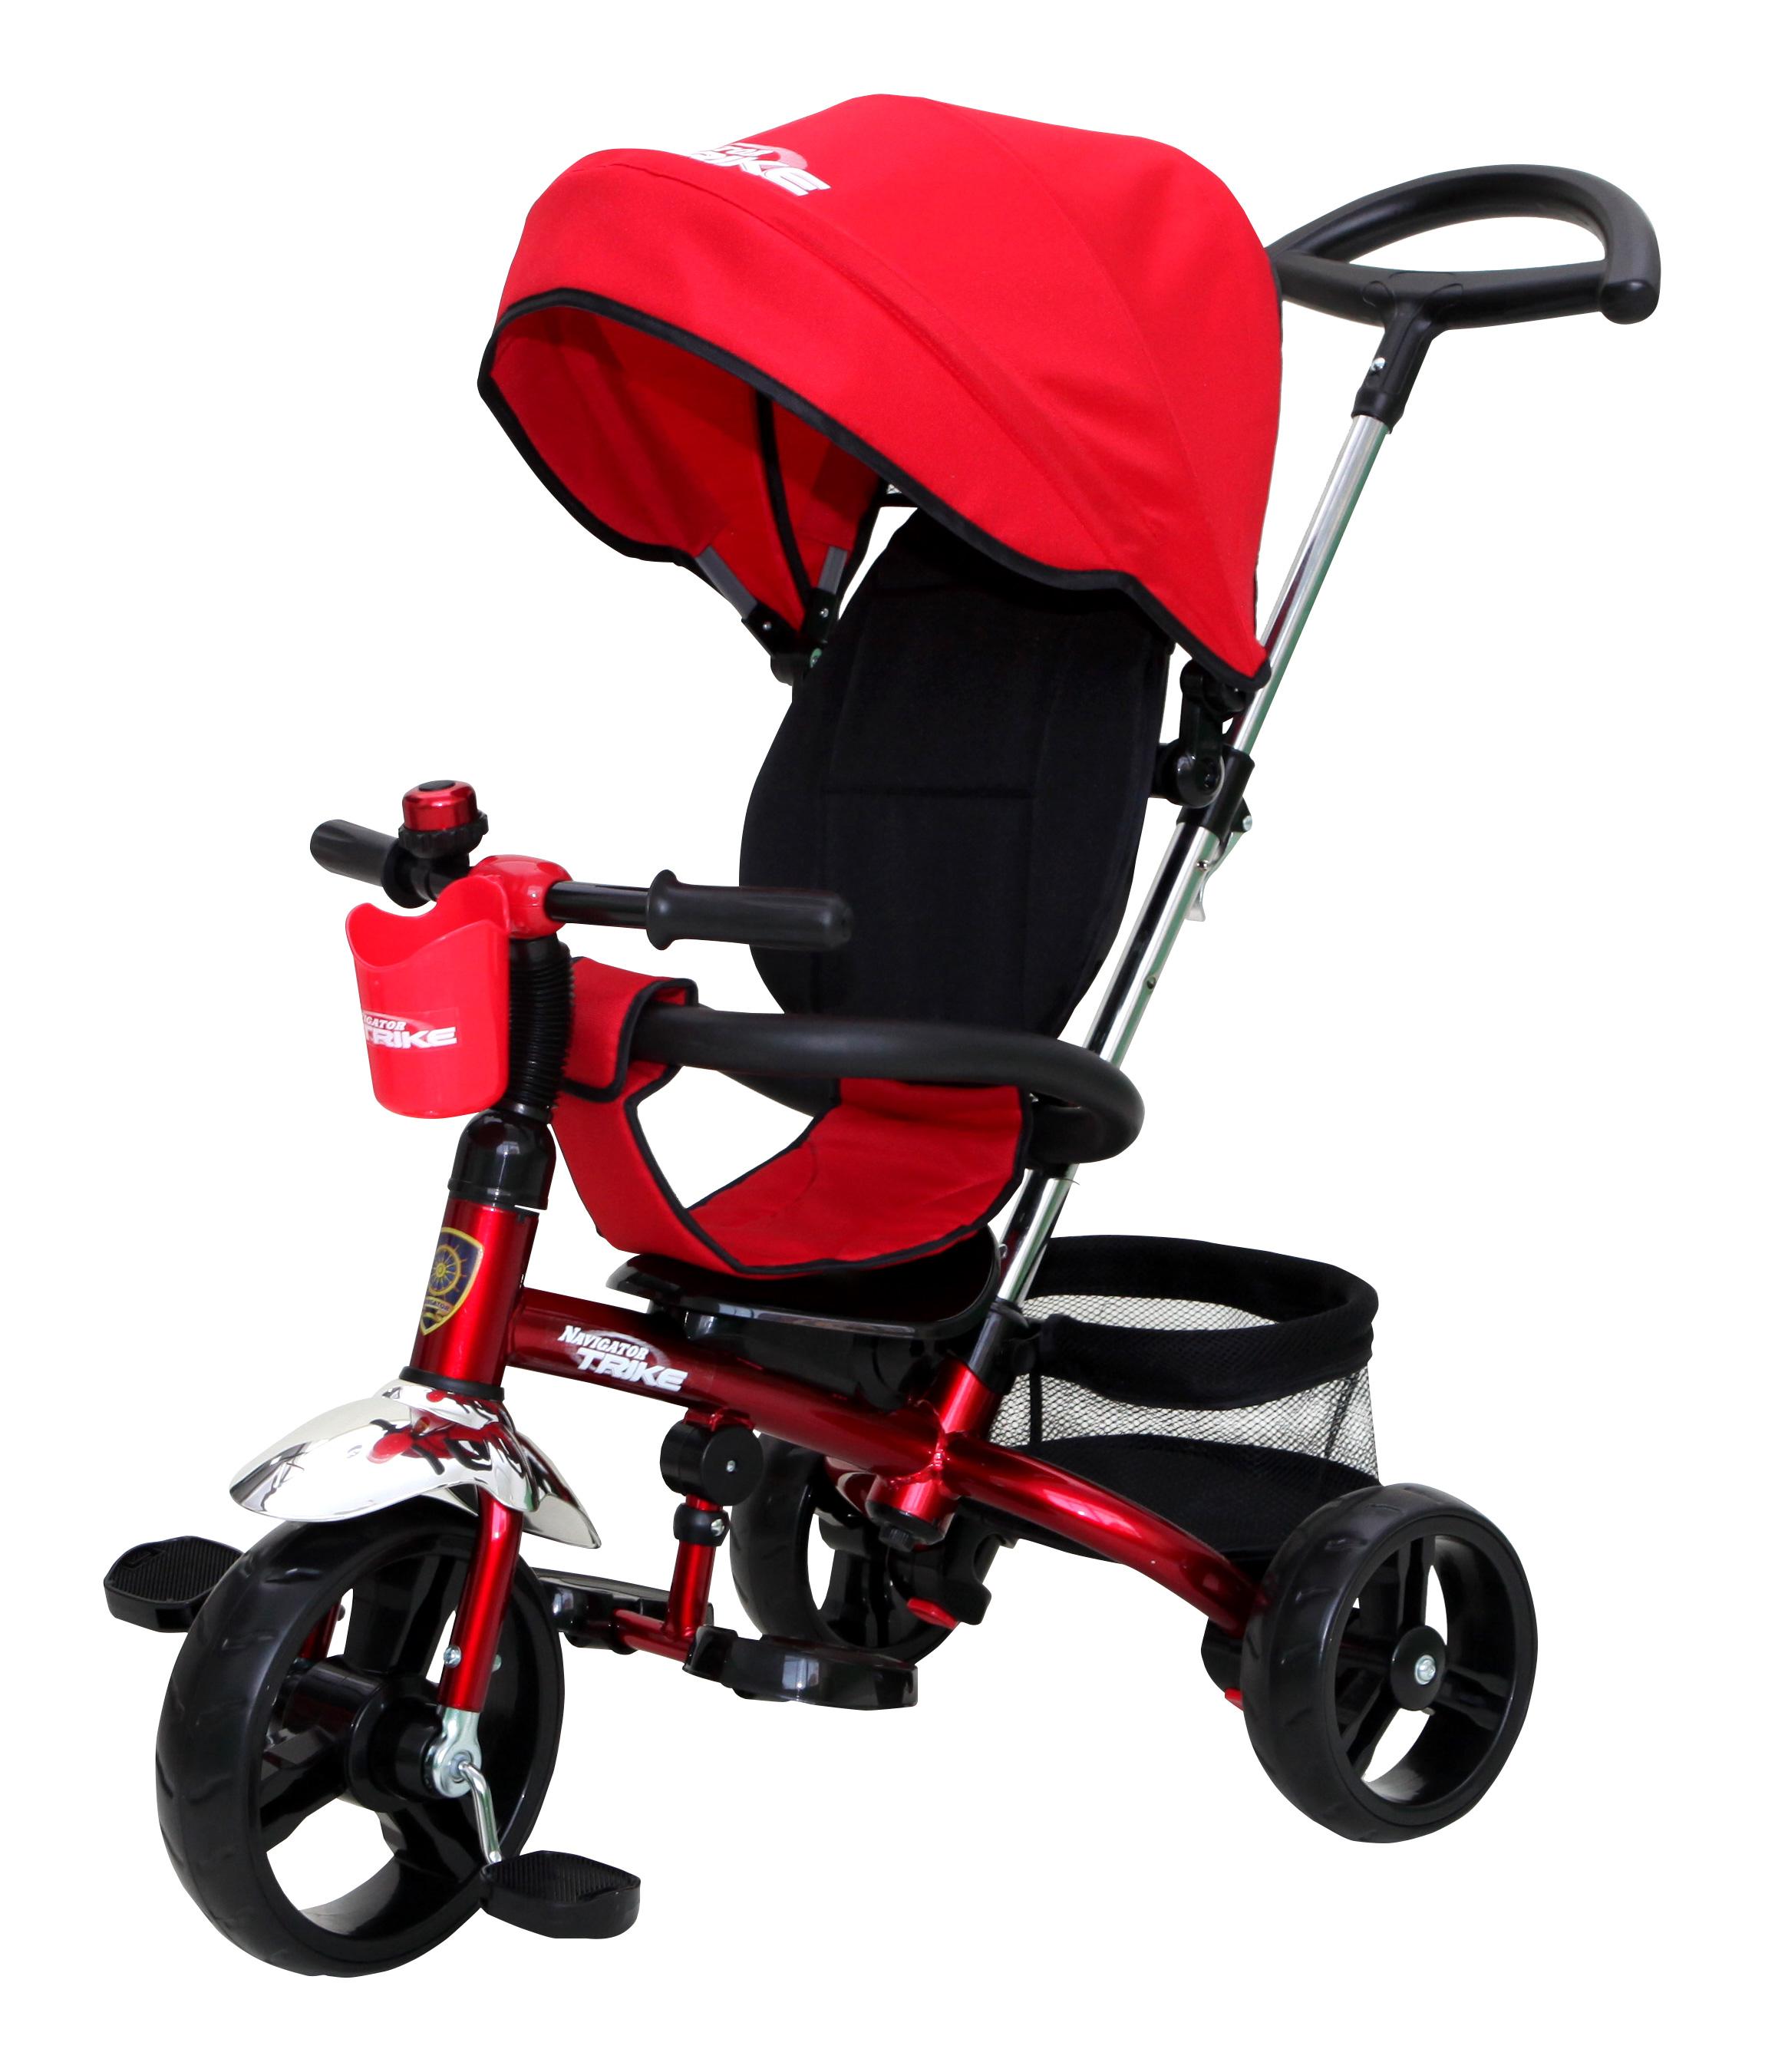 Navigator Трехколесный велосипед Lexus цвет черный красныйТ58451Популярная модель детского трехколесного велосипеда с ярким дизайном. Велосипед снабжен ручкой управления для родителей.